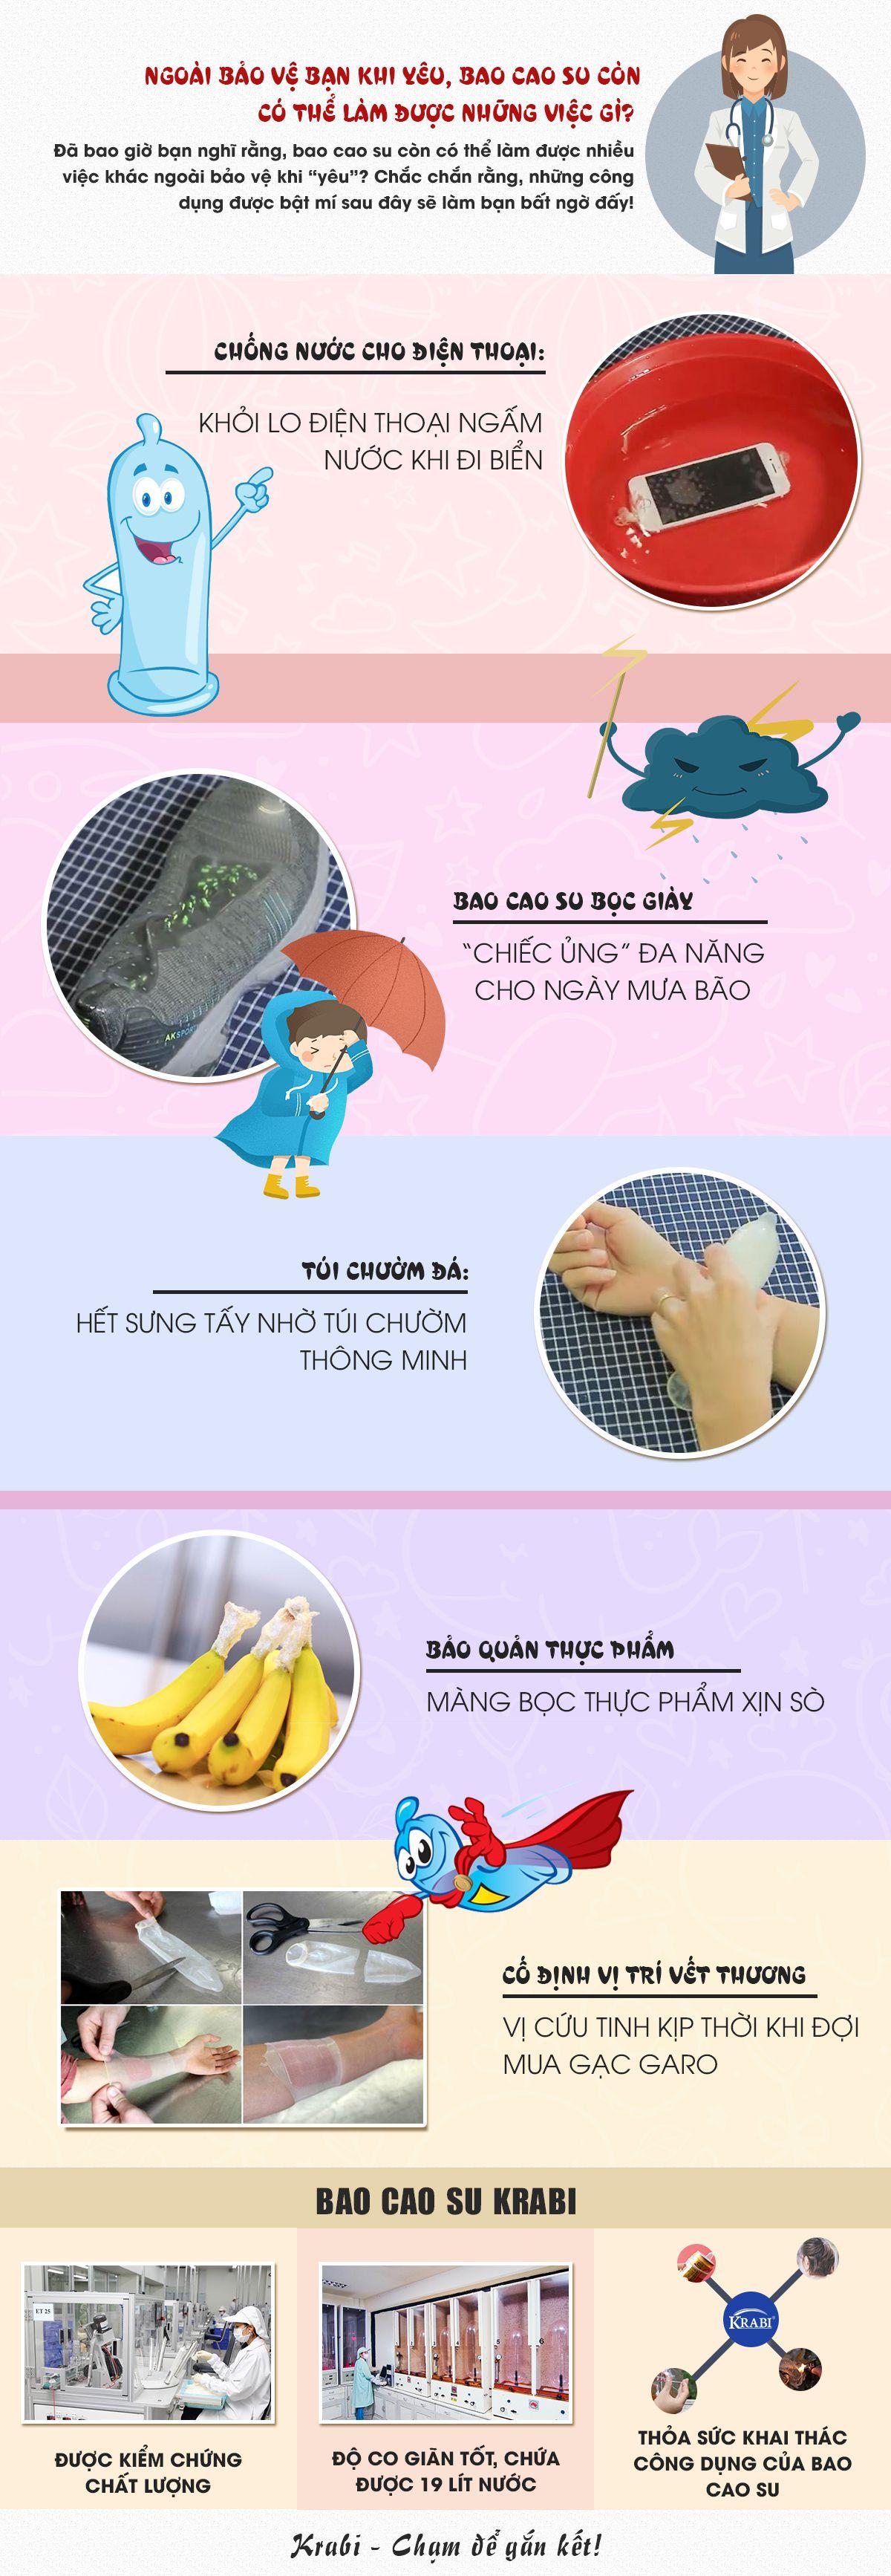 [Infographic] Những công dụng thú vị khác của bao cao su có thể bạn chưa biết